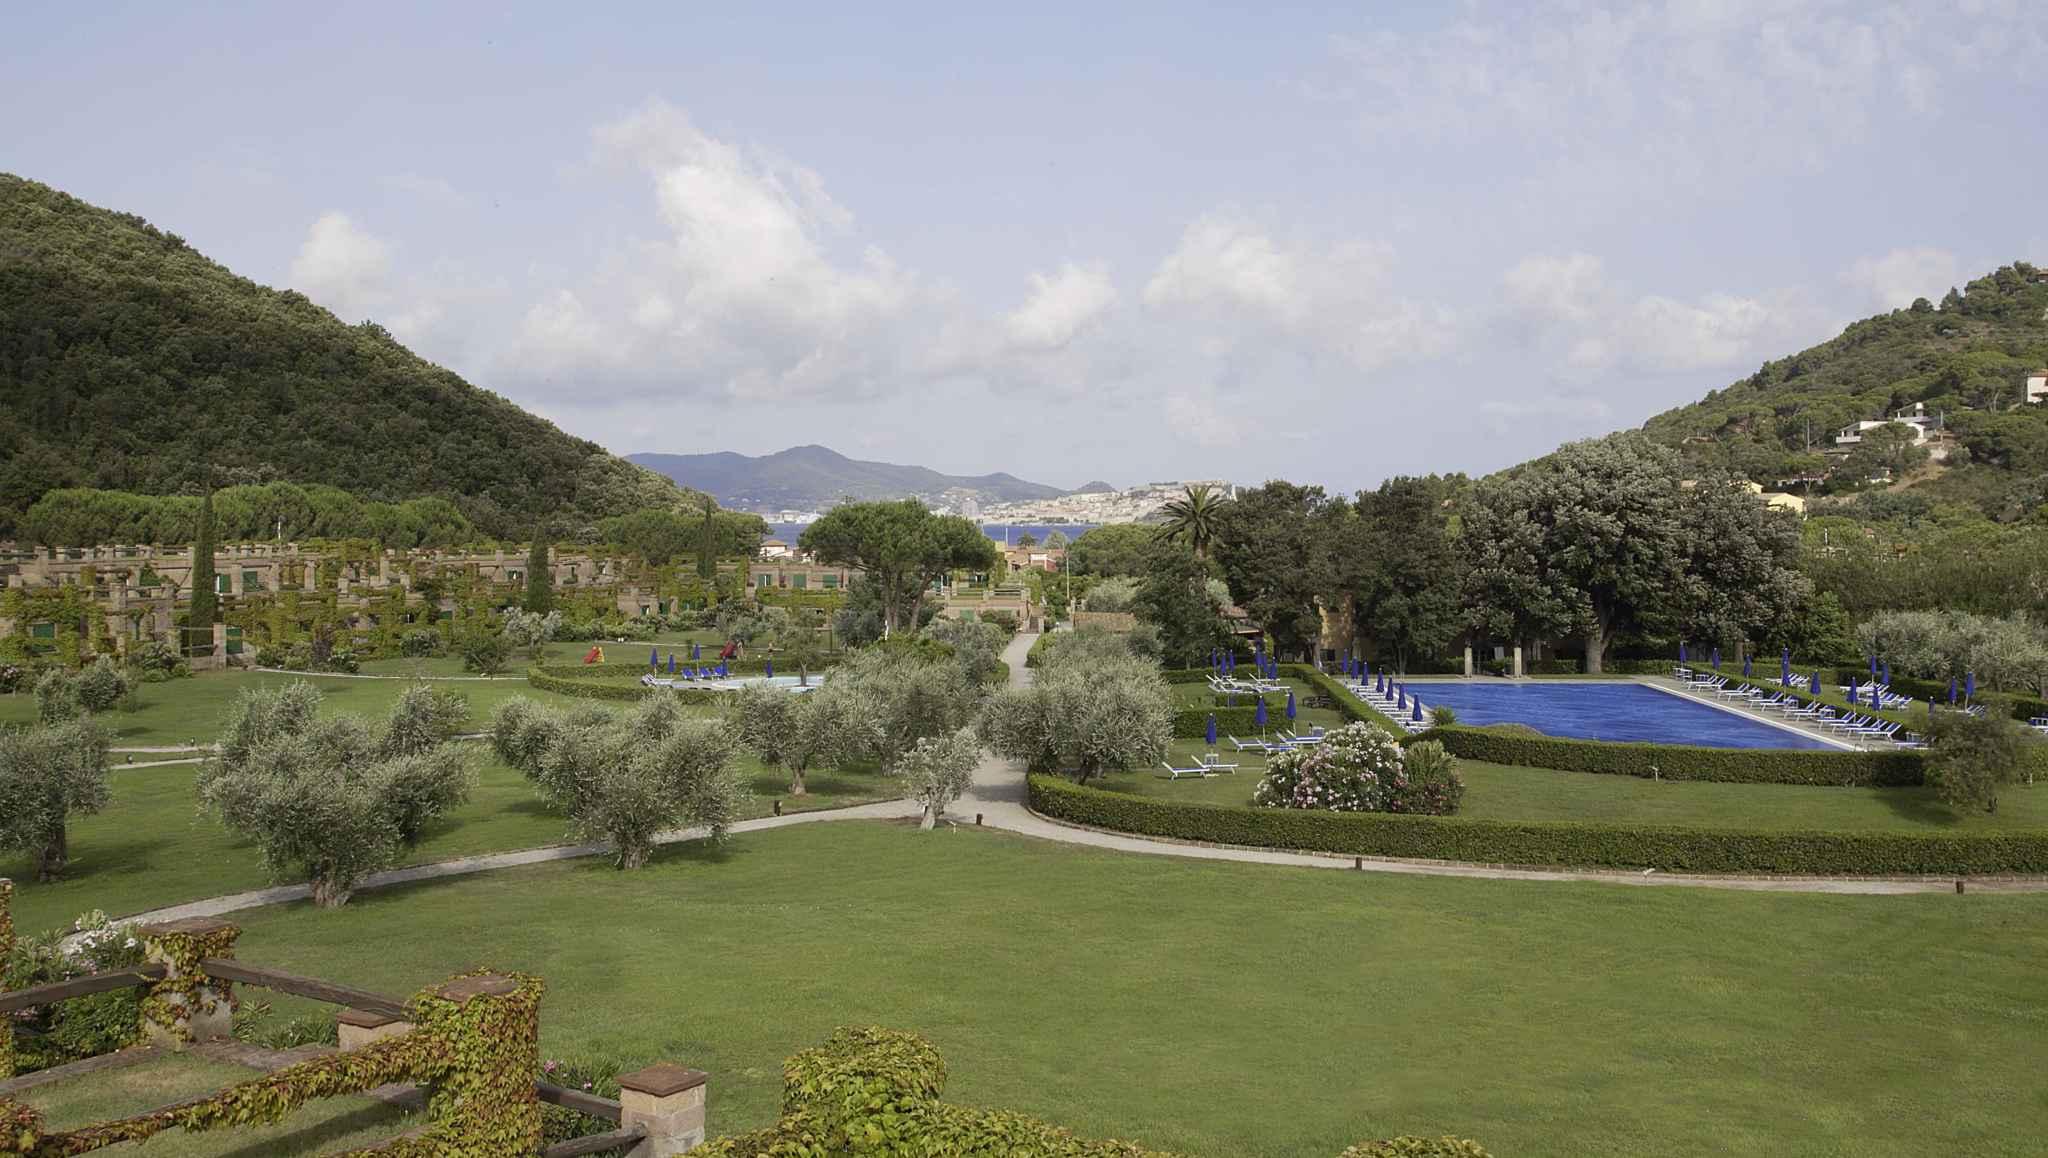 Ferienwohnung FerienWohnung Residence Sant'Anna del Volterraio (402381), Rio Nell'Elba, Elba, Toskana, Italien, Bild 4